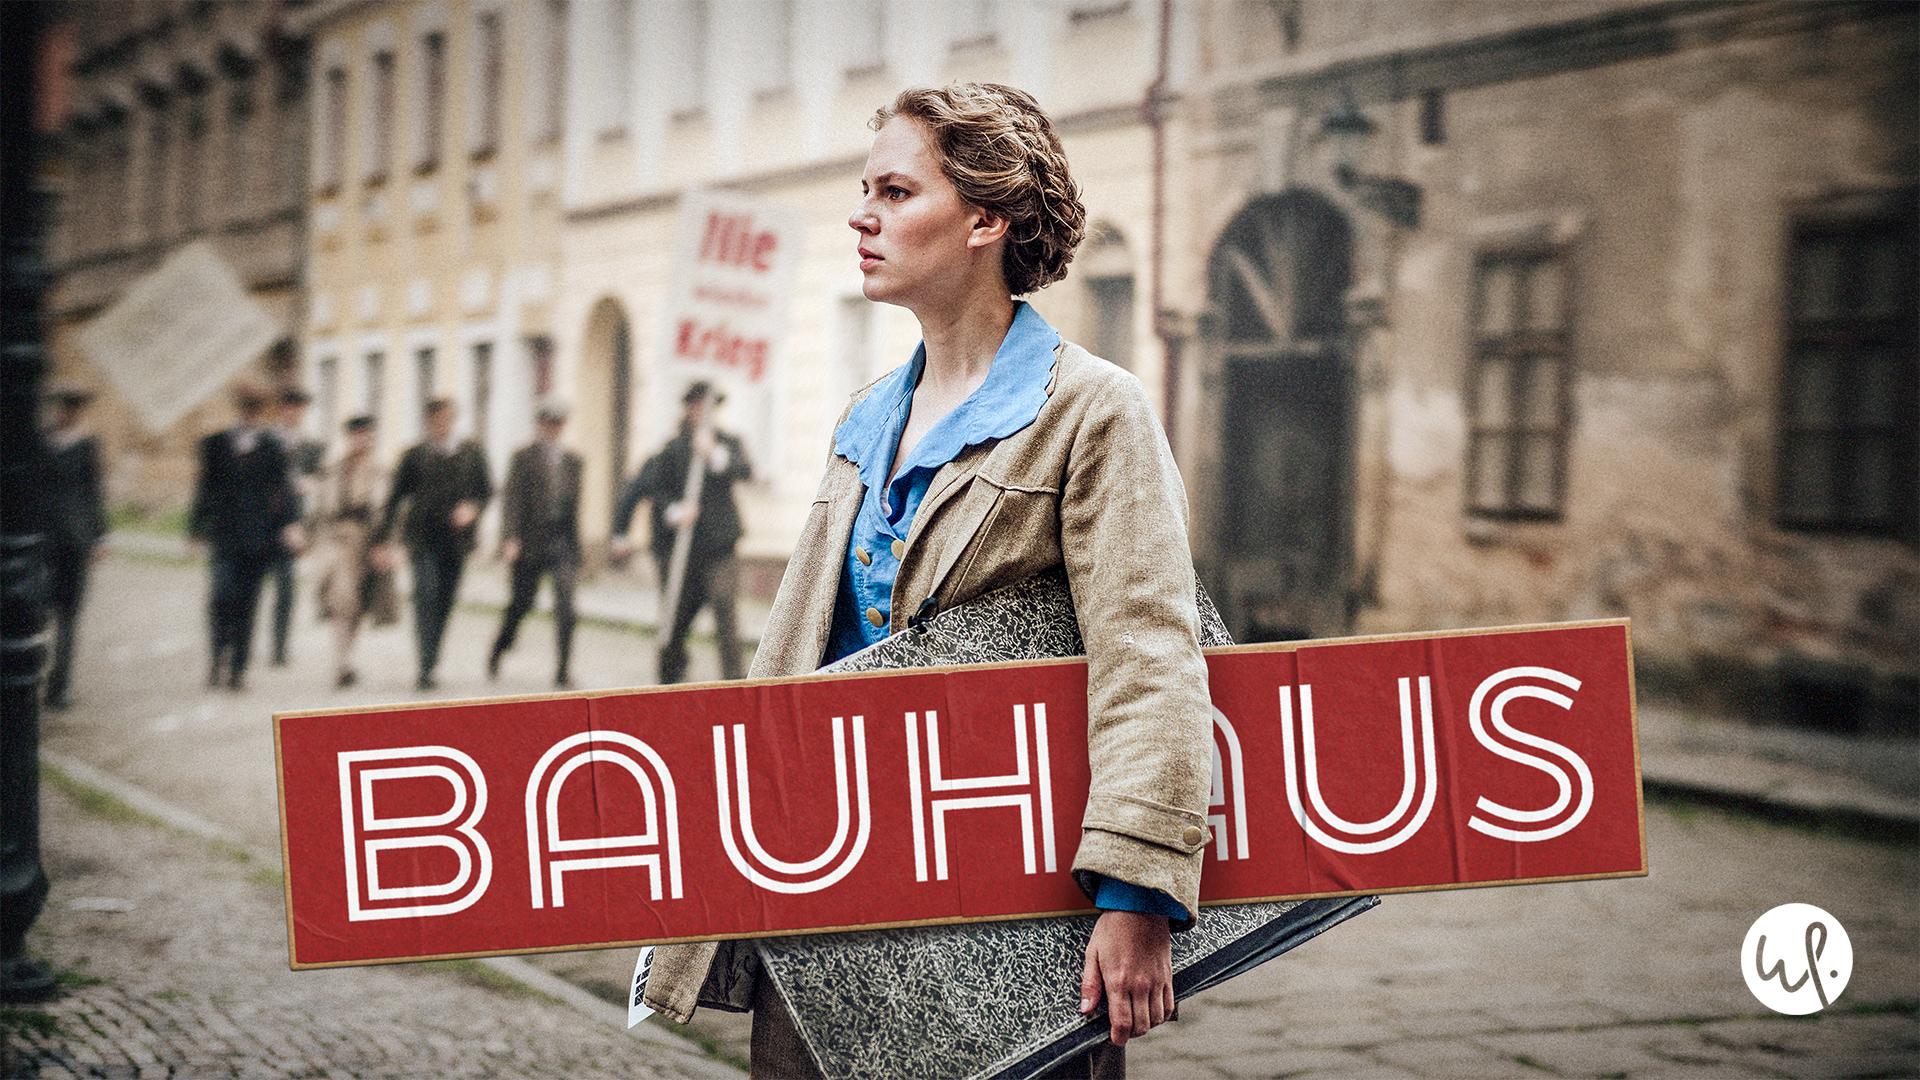 Bauhaus, Season 1